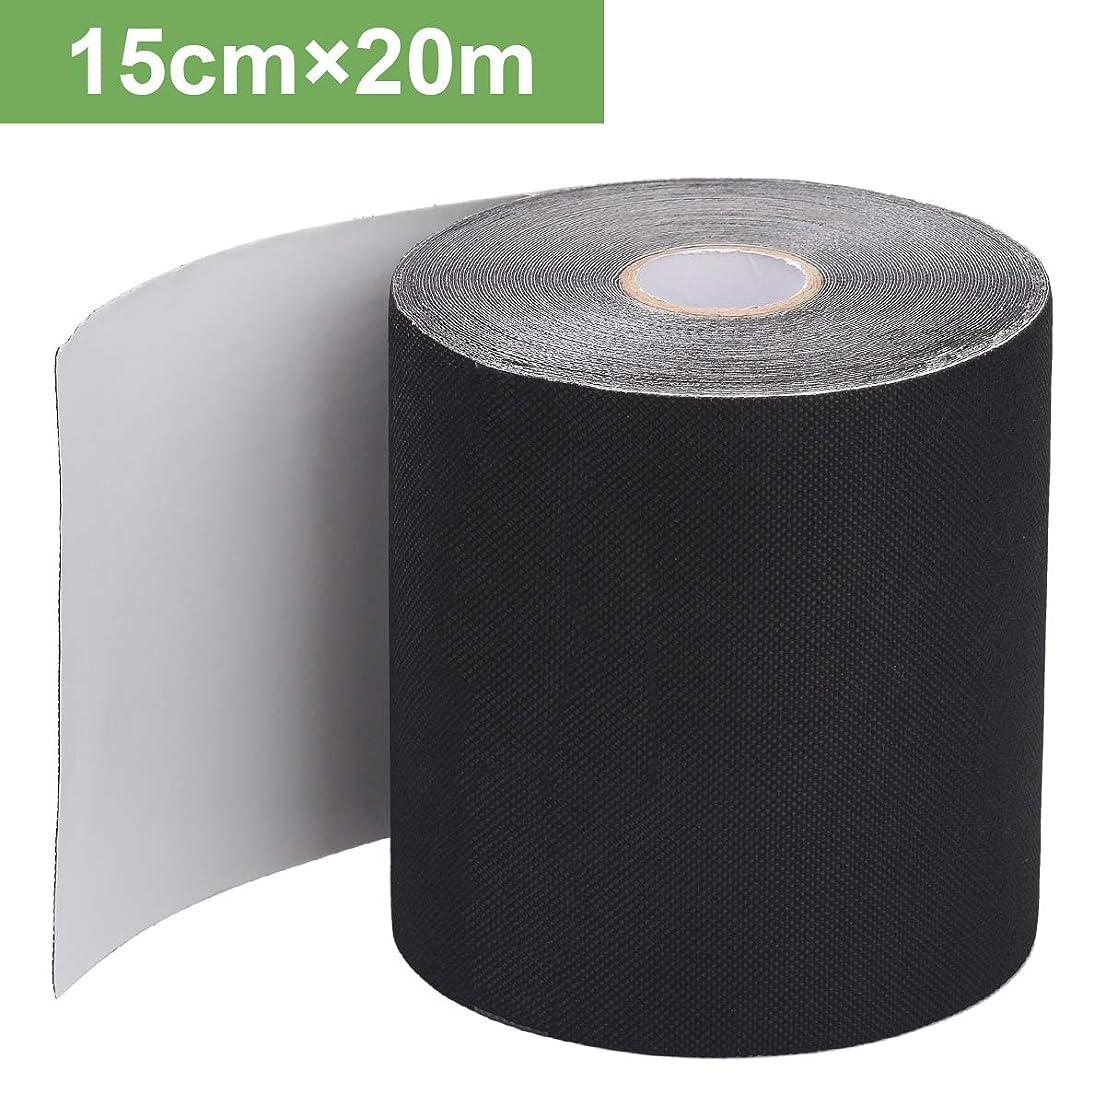 前奏曲部語人工芝 テープ 長さ20M×幅15CM 人工芝連結用 固定用 防草シートテープ 片面テープ 強力ワイドタイプ 接続テープ 自己接着 継目裏貼りジョイント用 庭やガーデン用